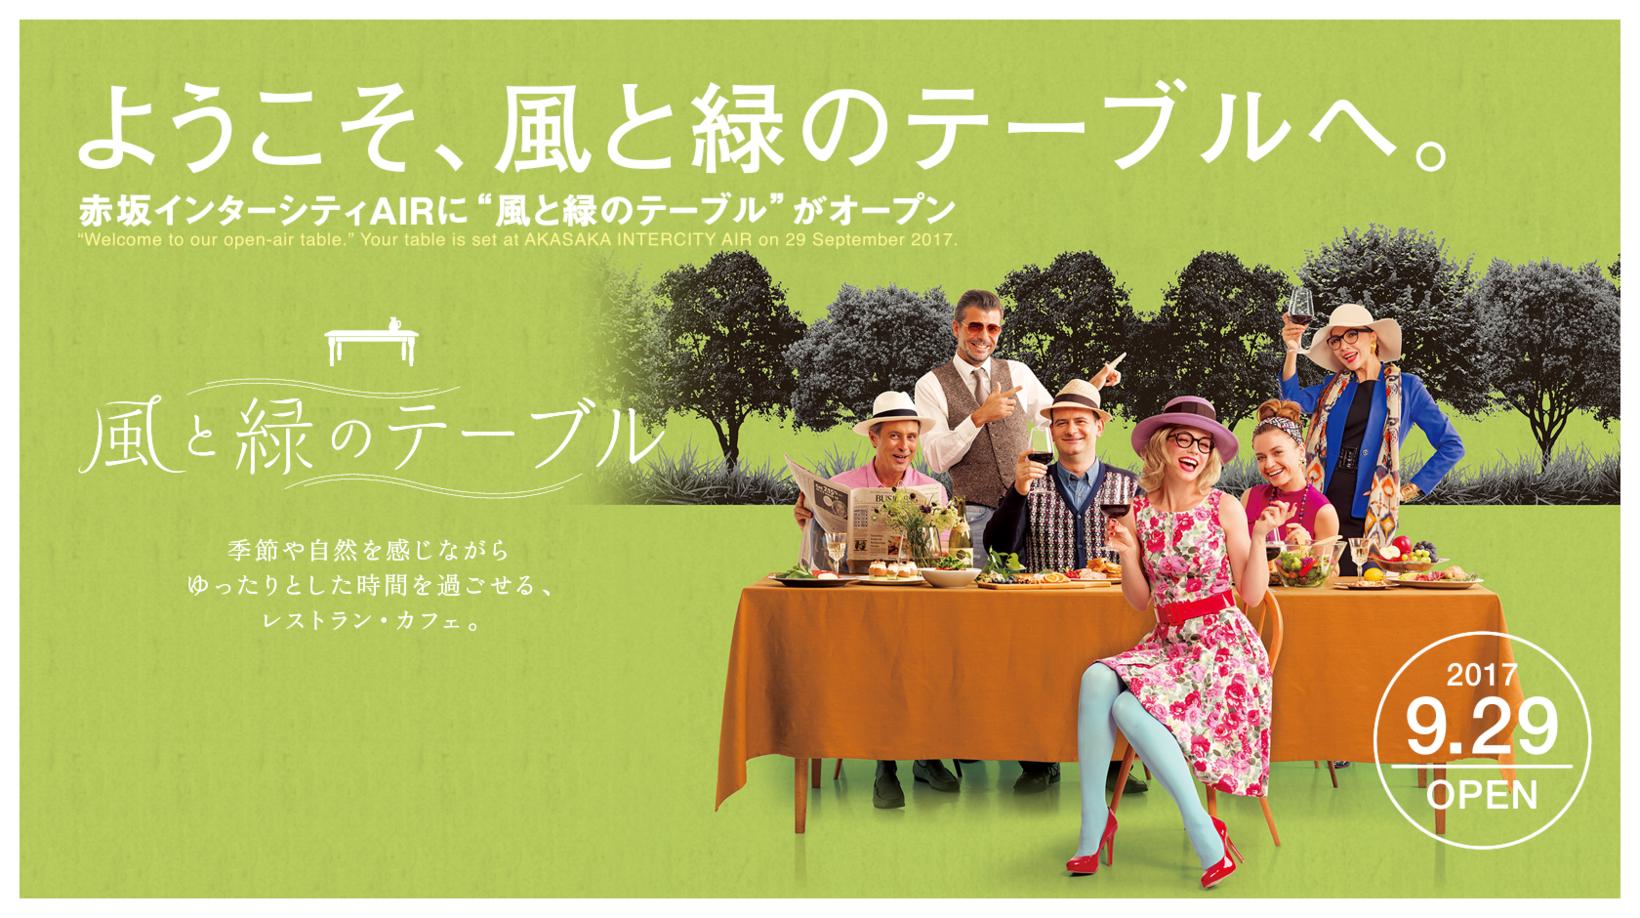 ようこそ、風と緑のテーブルへ。